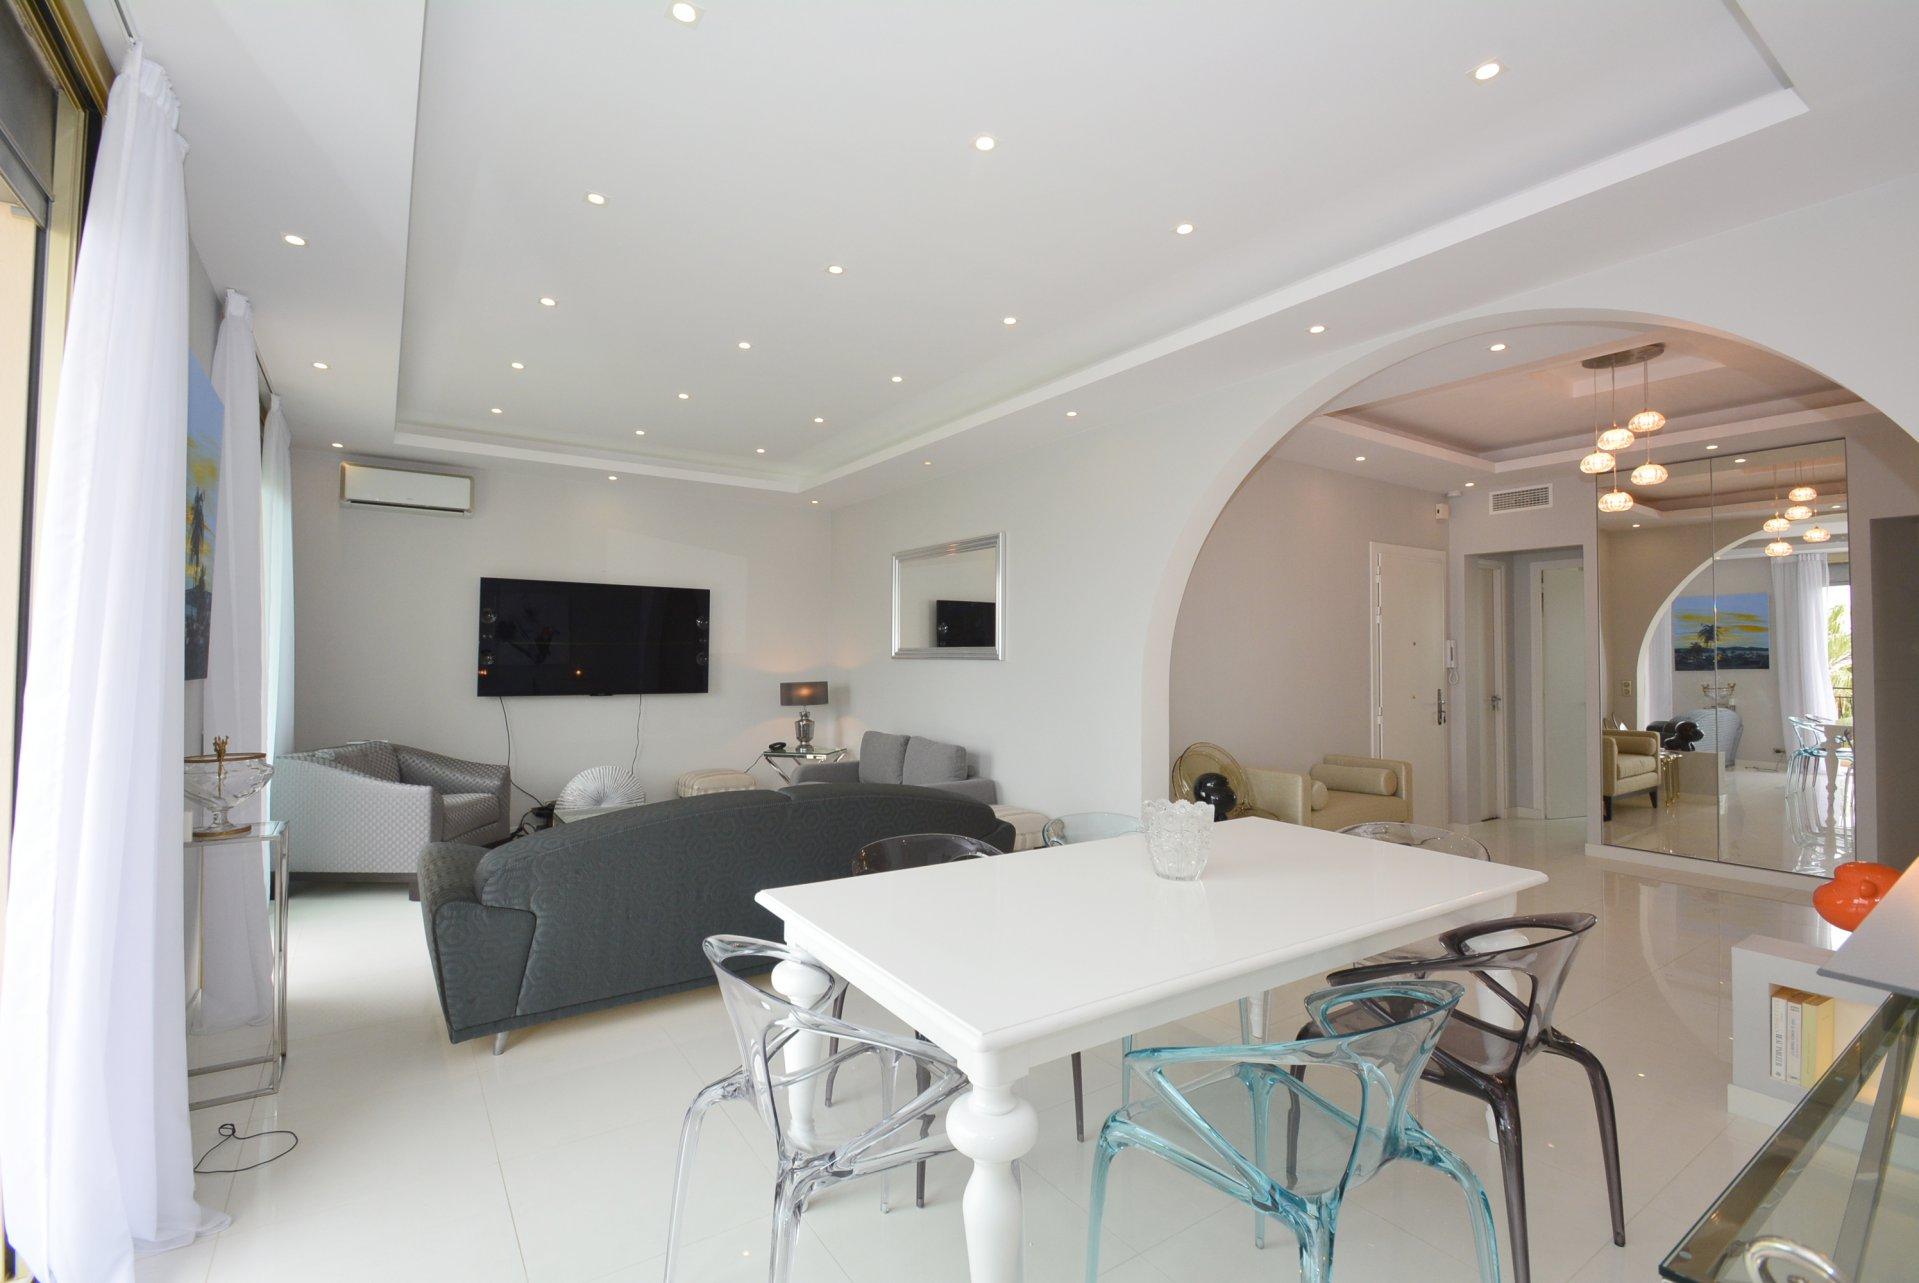 Annonce Location Saisonni Re Appartement Cannes Port Canto